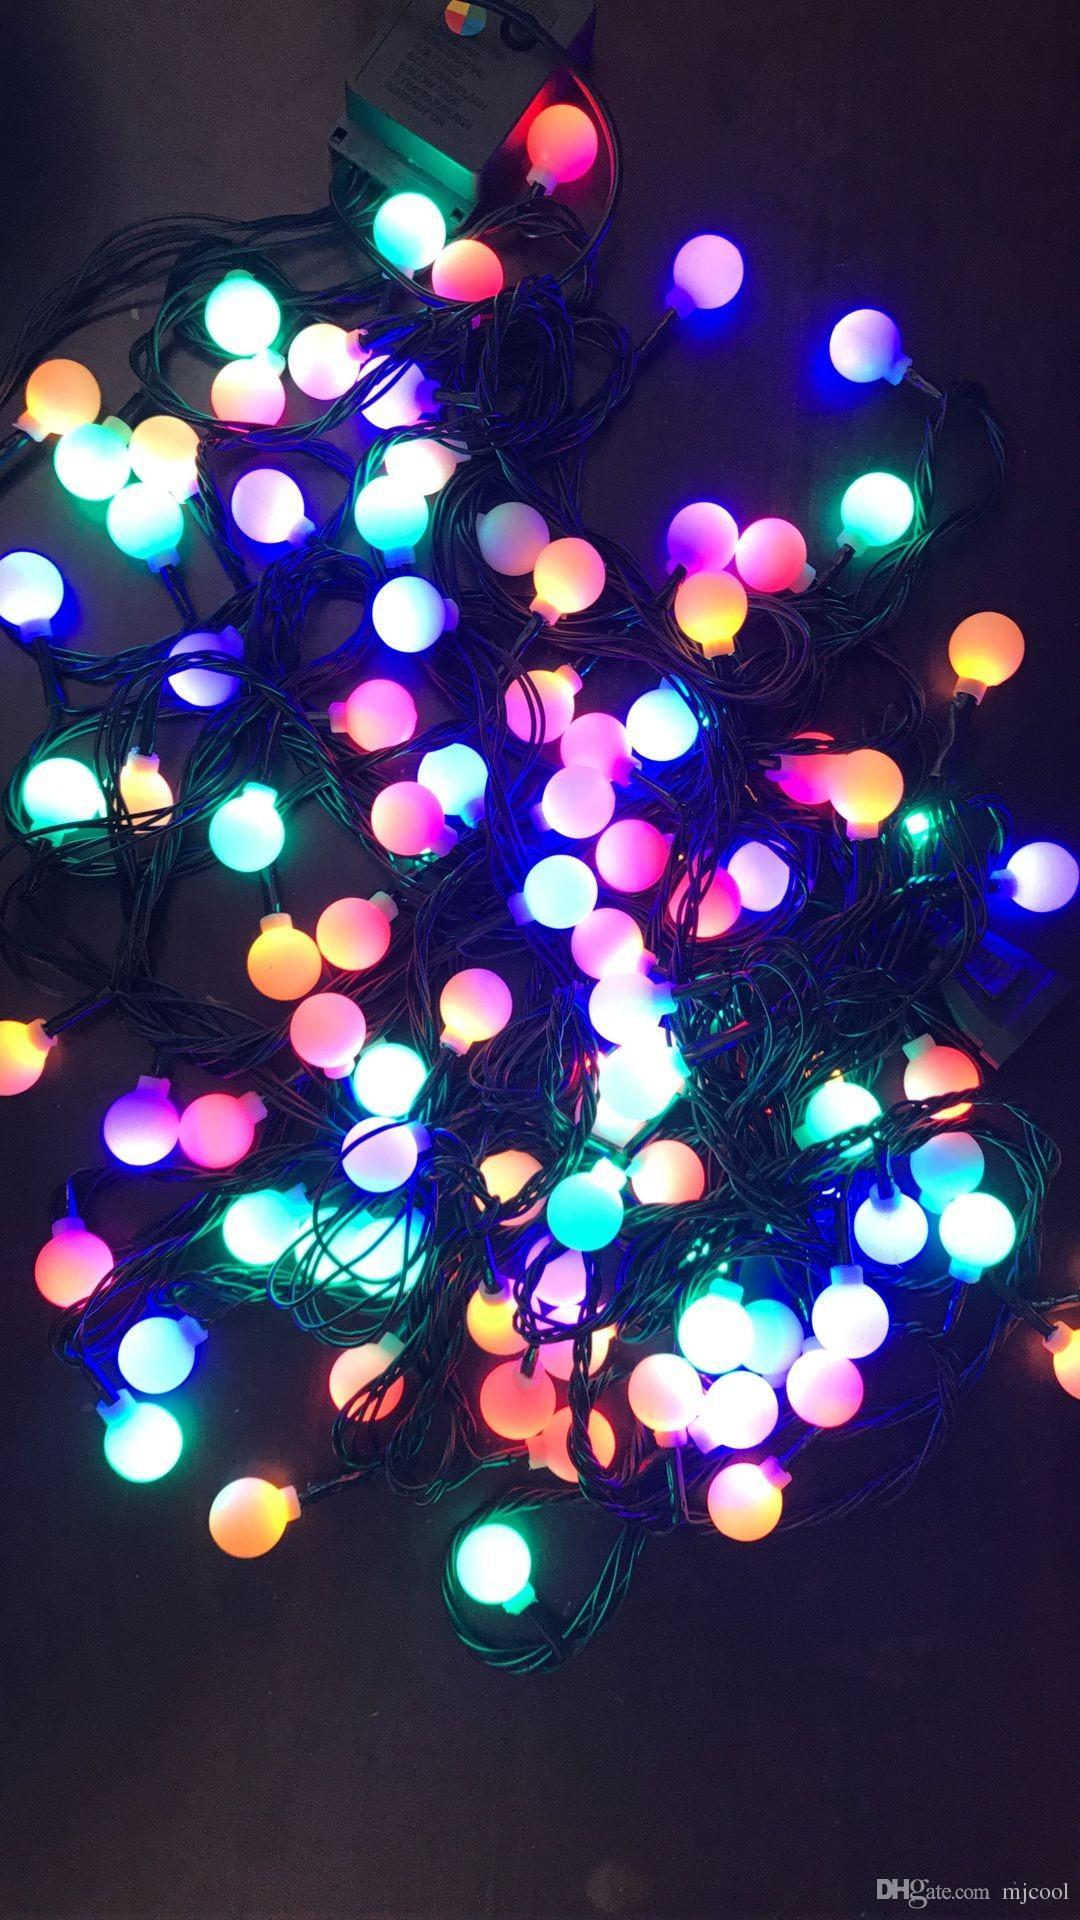 Stringhe di illuminazione 10M100 Leds Ciliegio Fata Luci LED Linea verde scuro a bassa tensione Luci stordite patio decorazioni da esterno